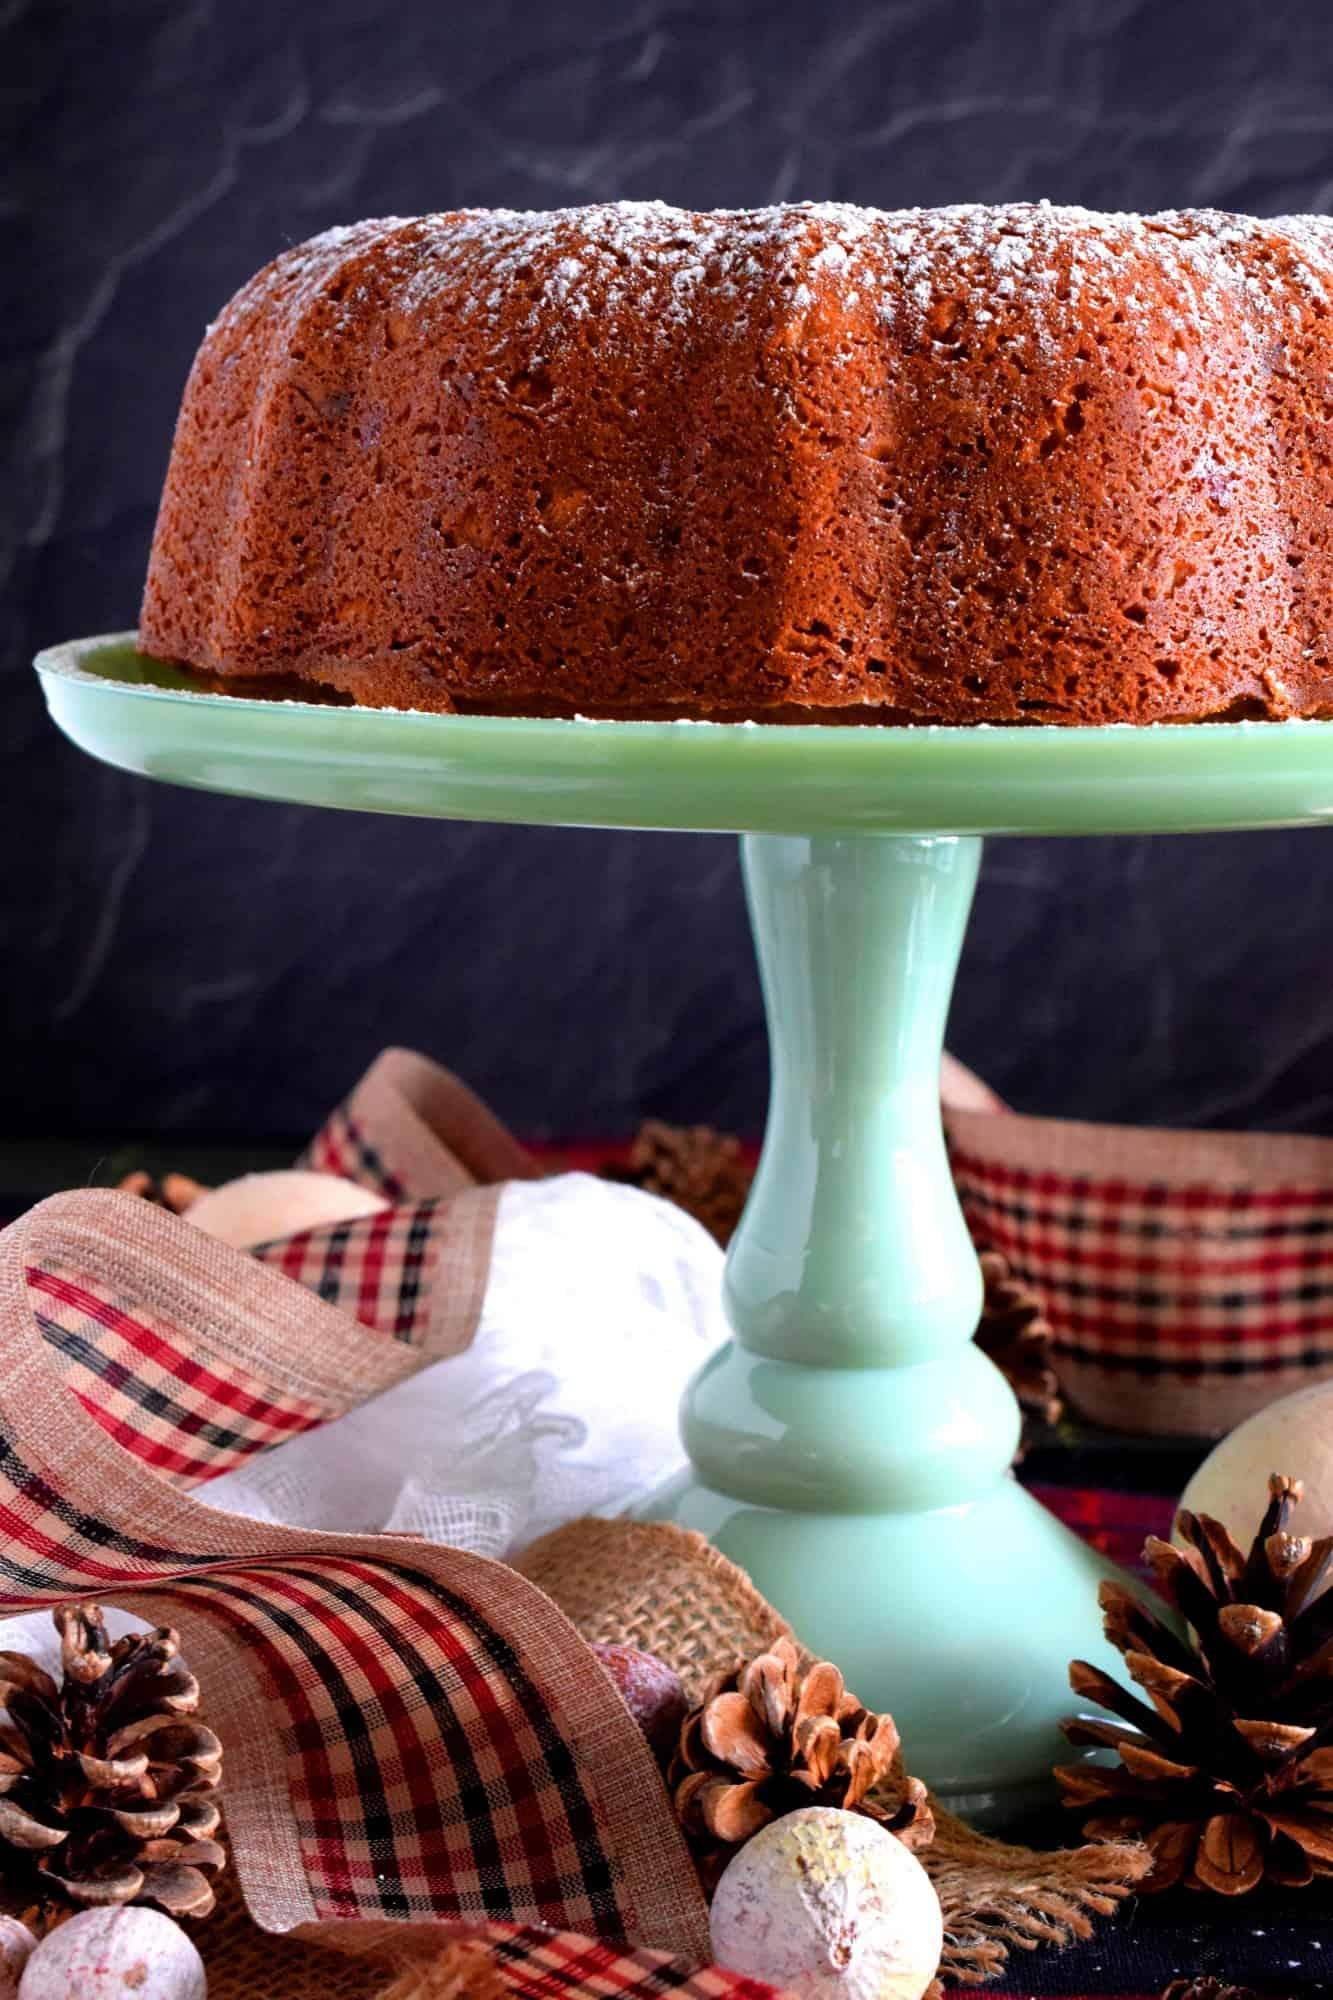 Glace Mixed Fruit Bundt Cake